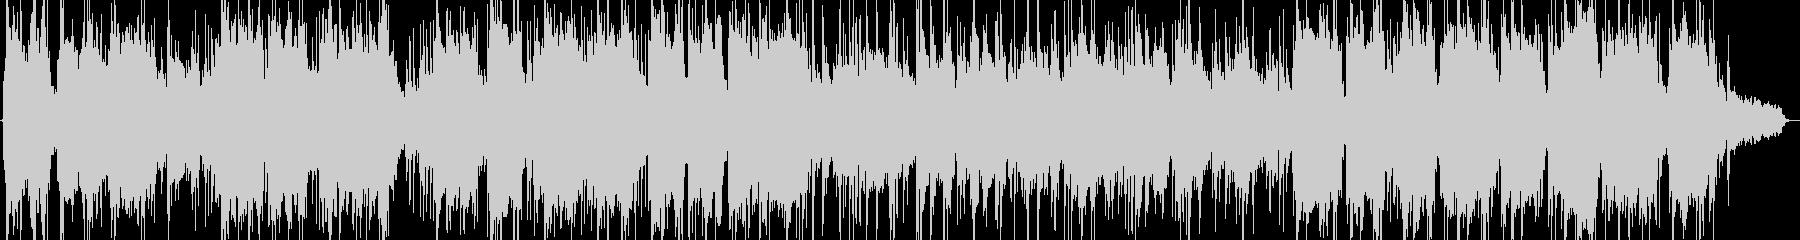 竹笛とシンセサイザーの静かな音楽の未再生の波形